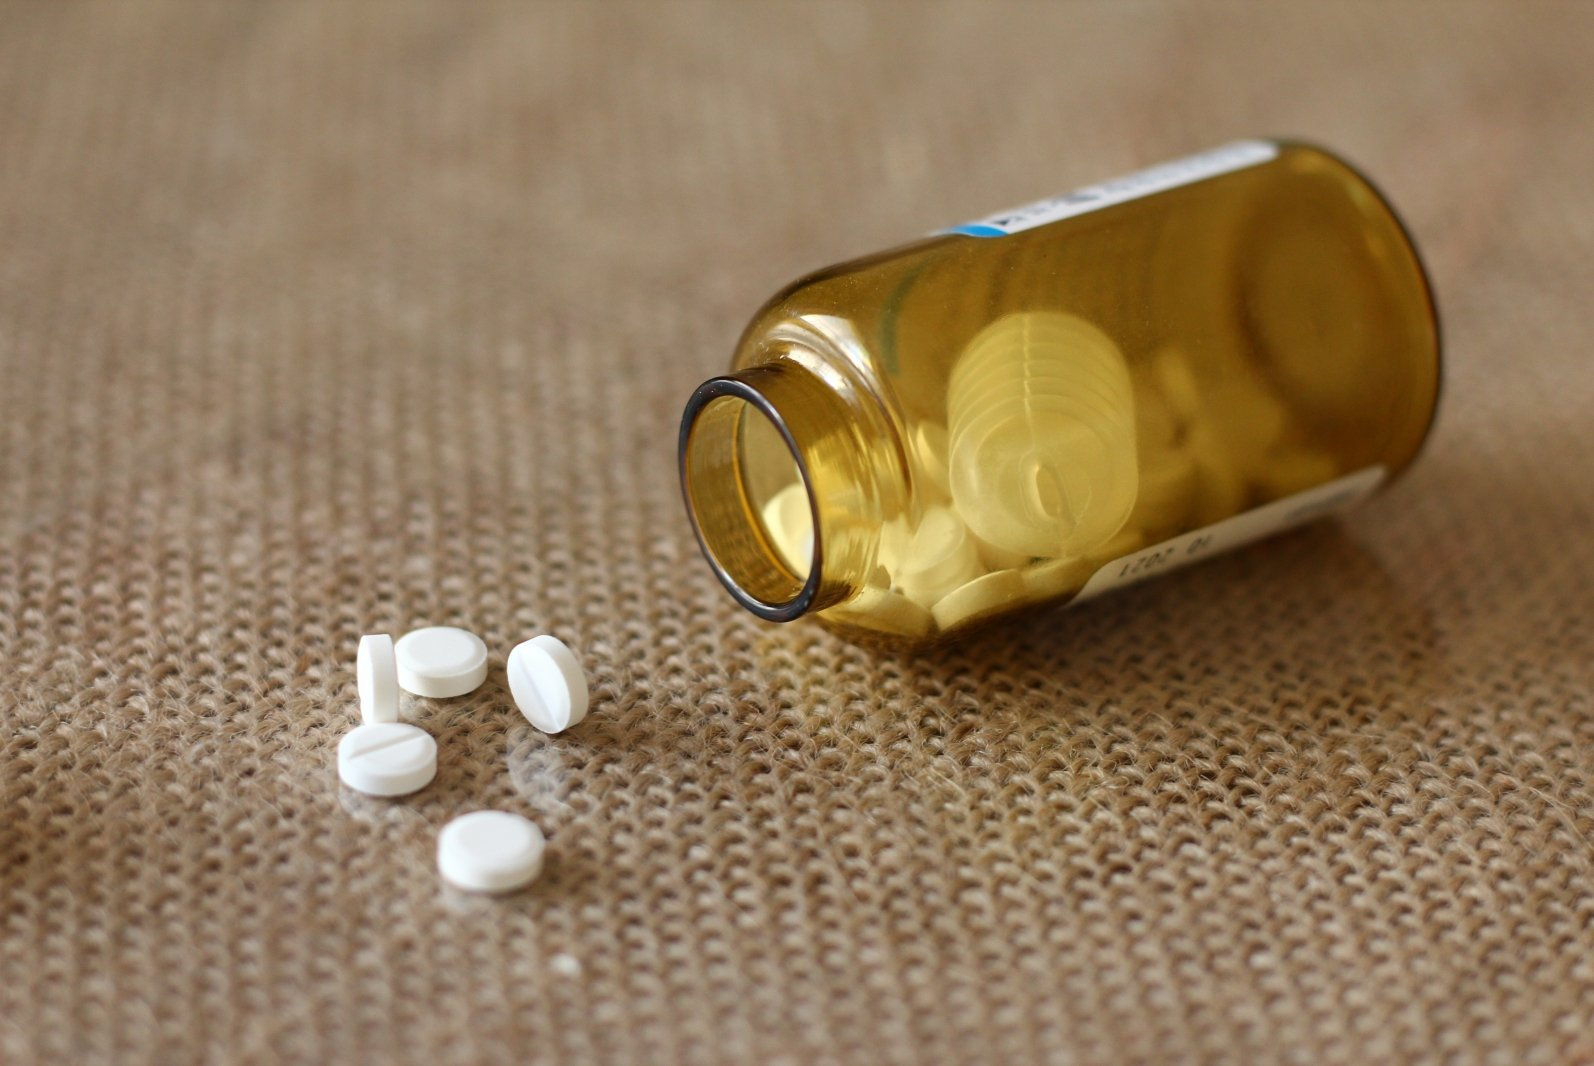 kokiu paros metu vartoti vaistus nuo hipertenzijos